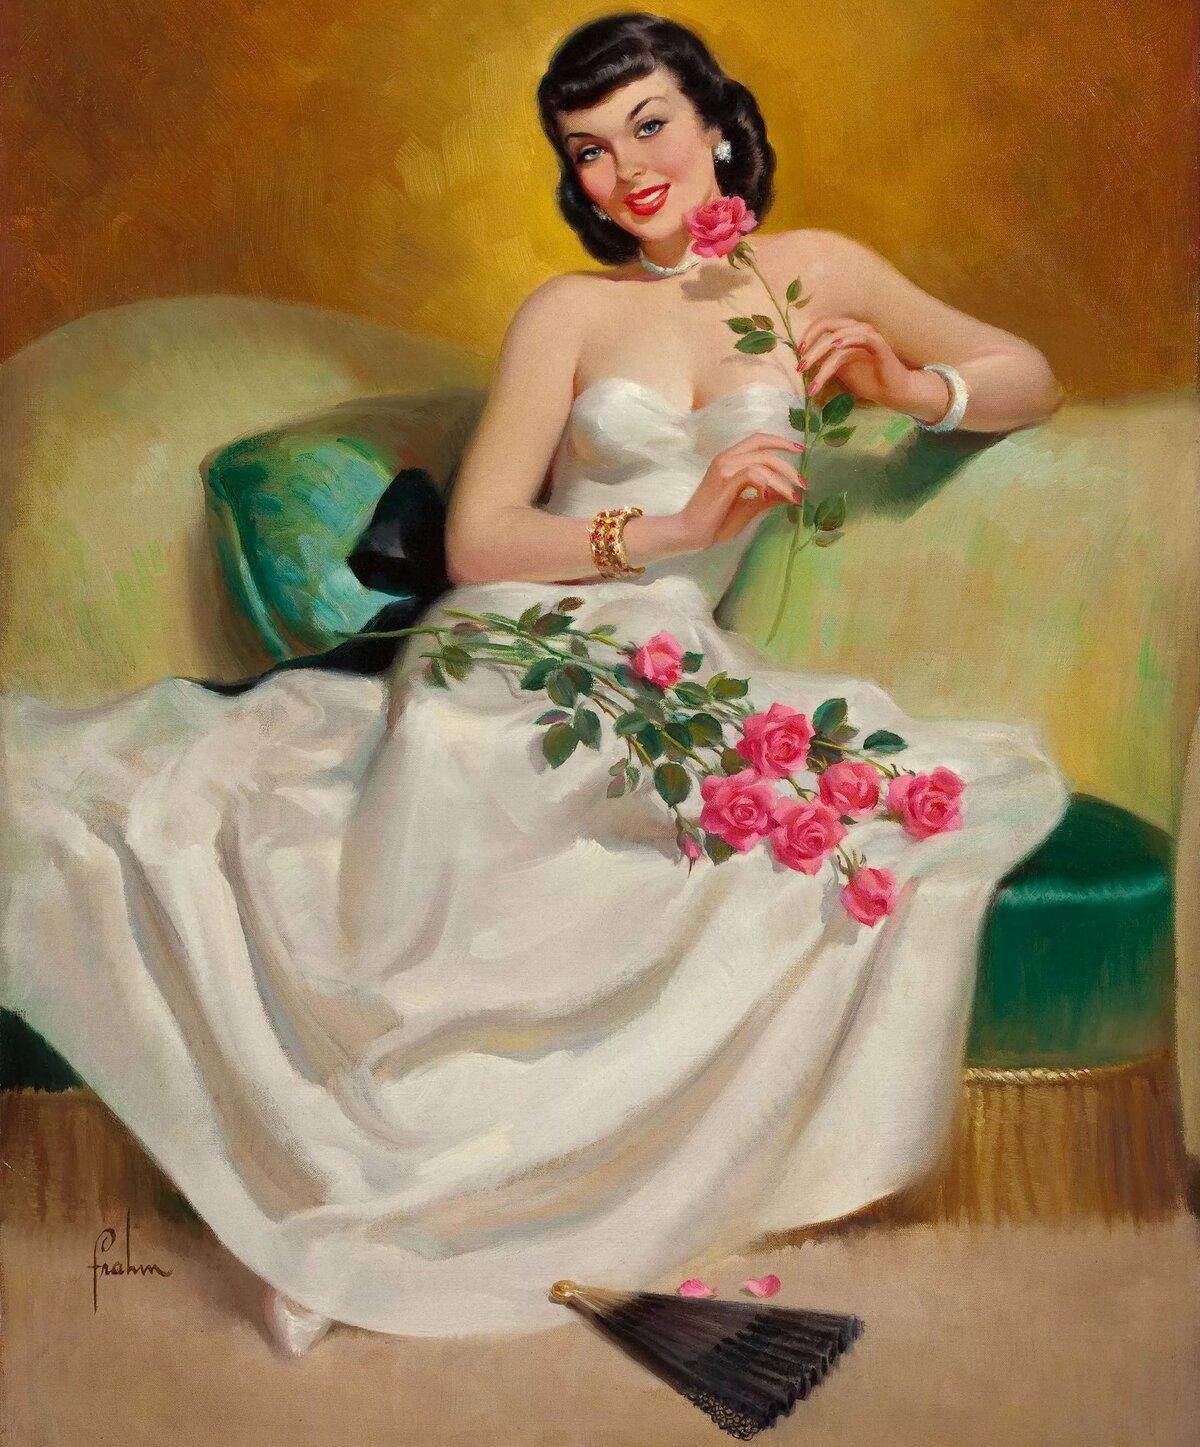 Рисованные открытки для женщин, картинки открытка желаю